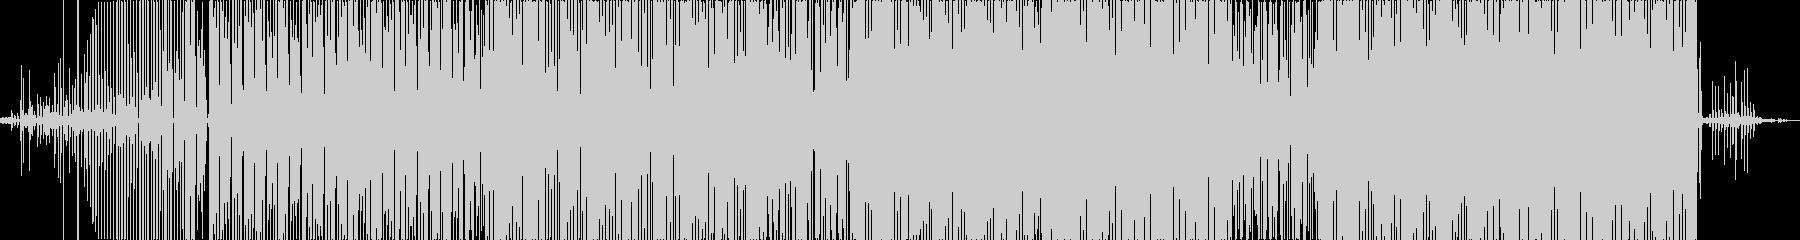 既成楽器を使わないアンサンブルの未再生の波形